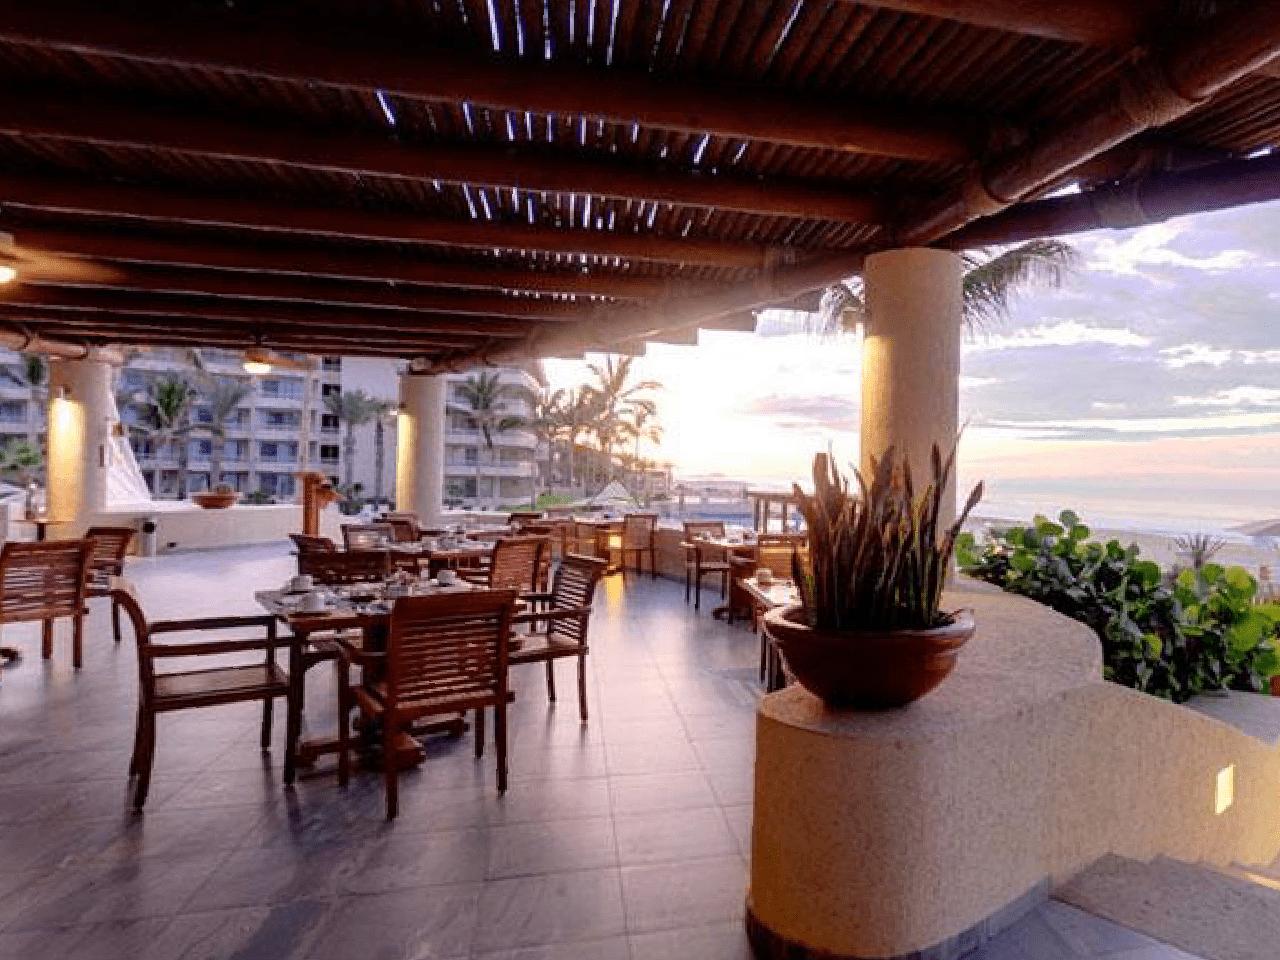 Bodas en la playa - restaurante de hotel